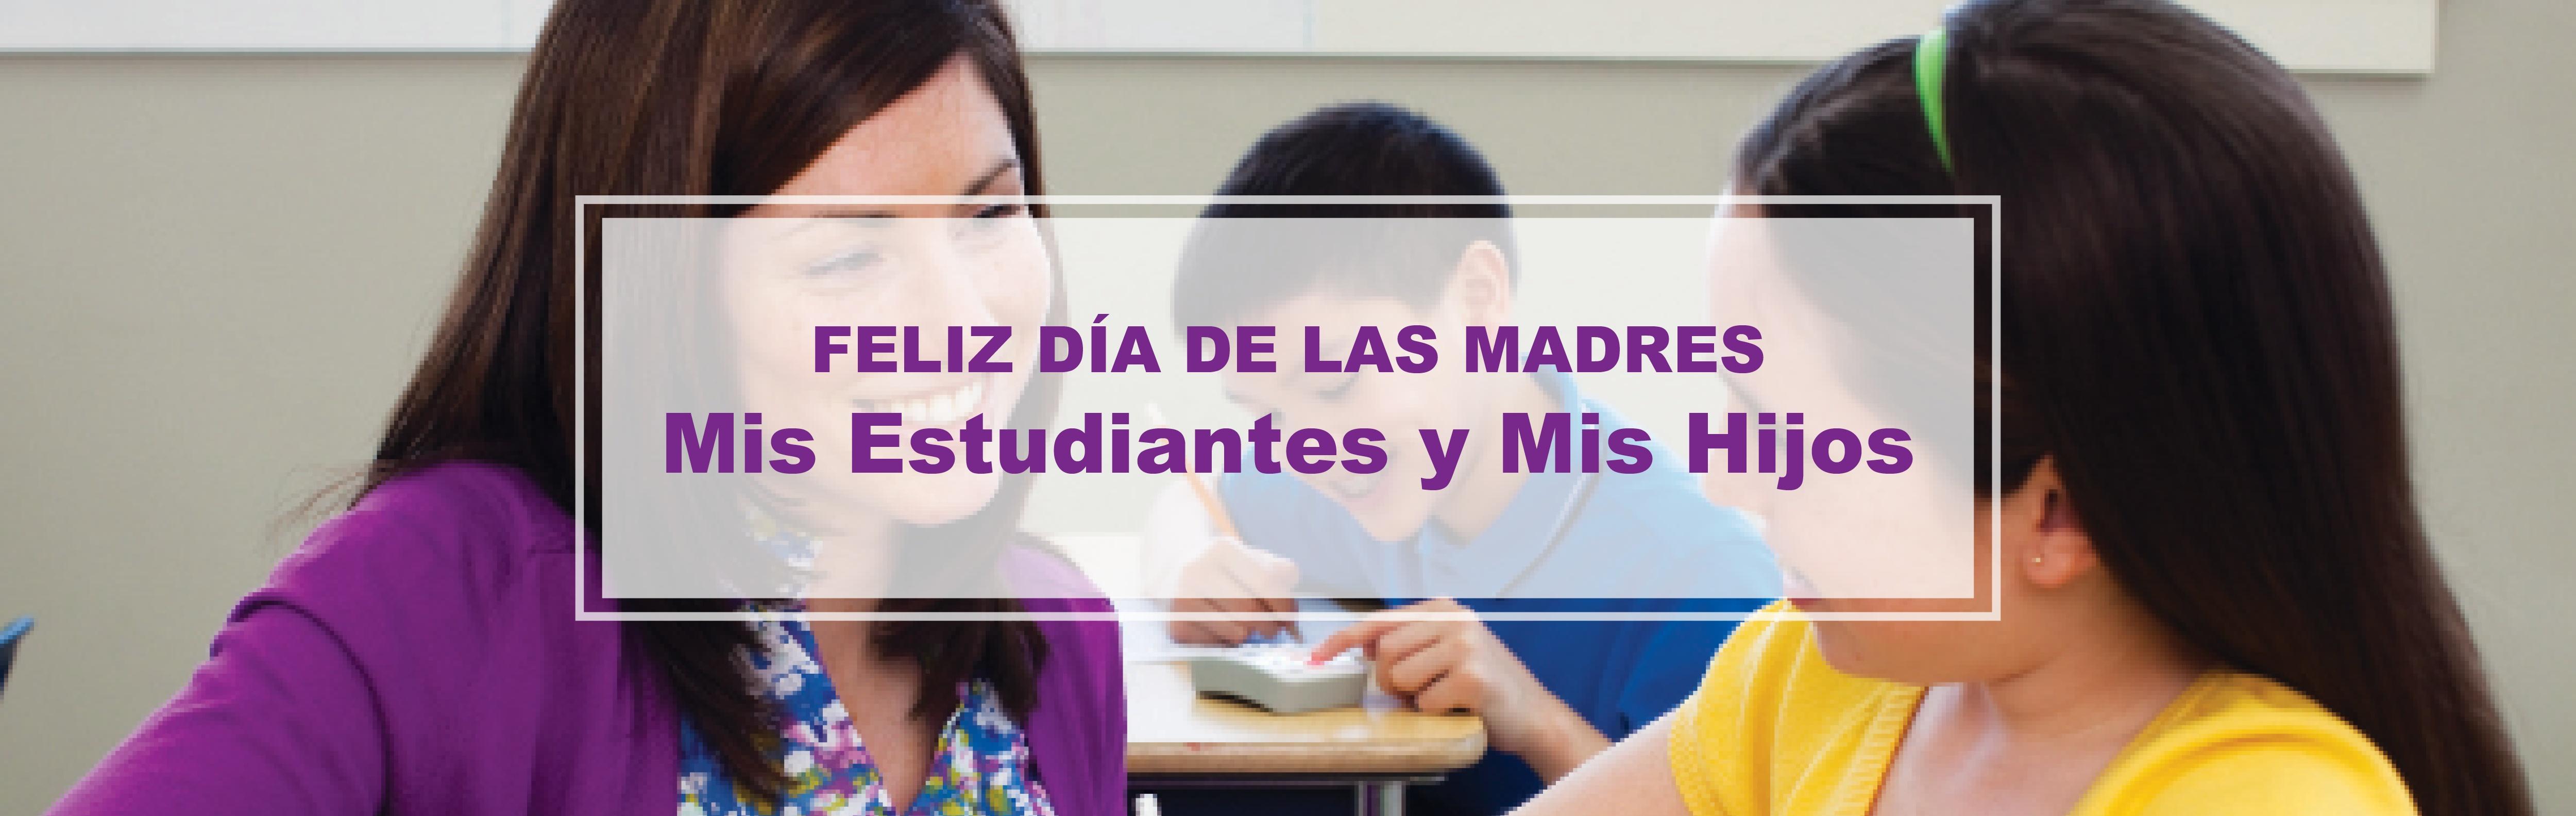 Feliz Día de la Madre: Mis estudiantes y mis niños